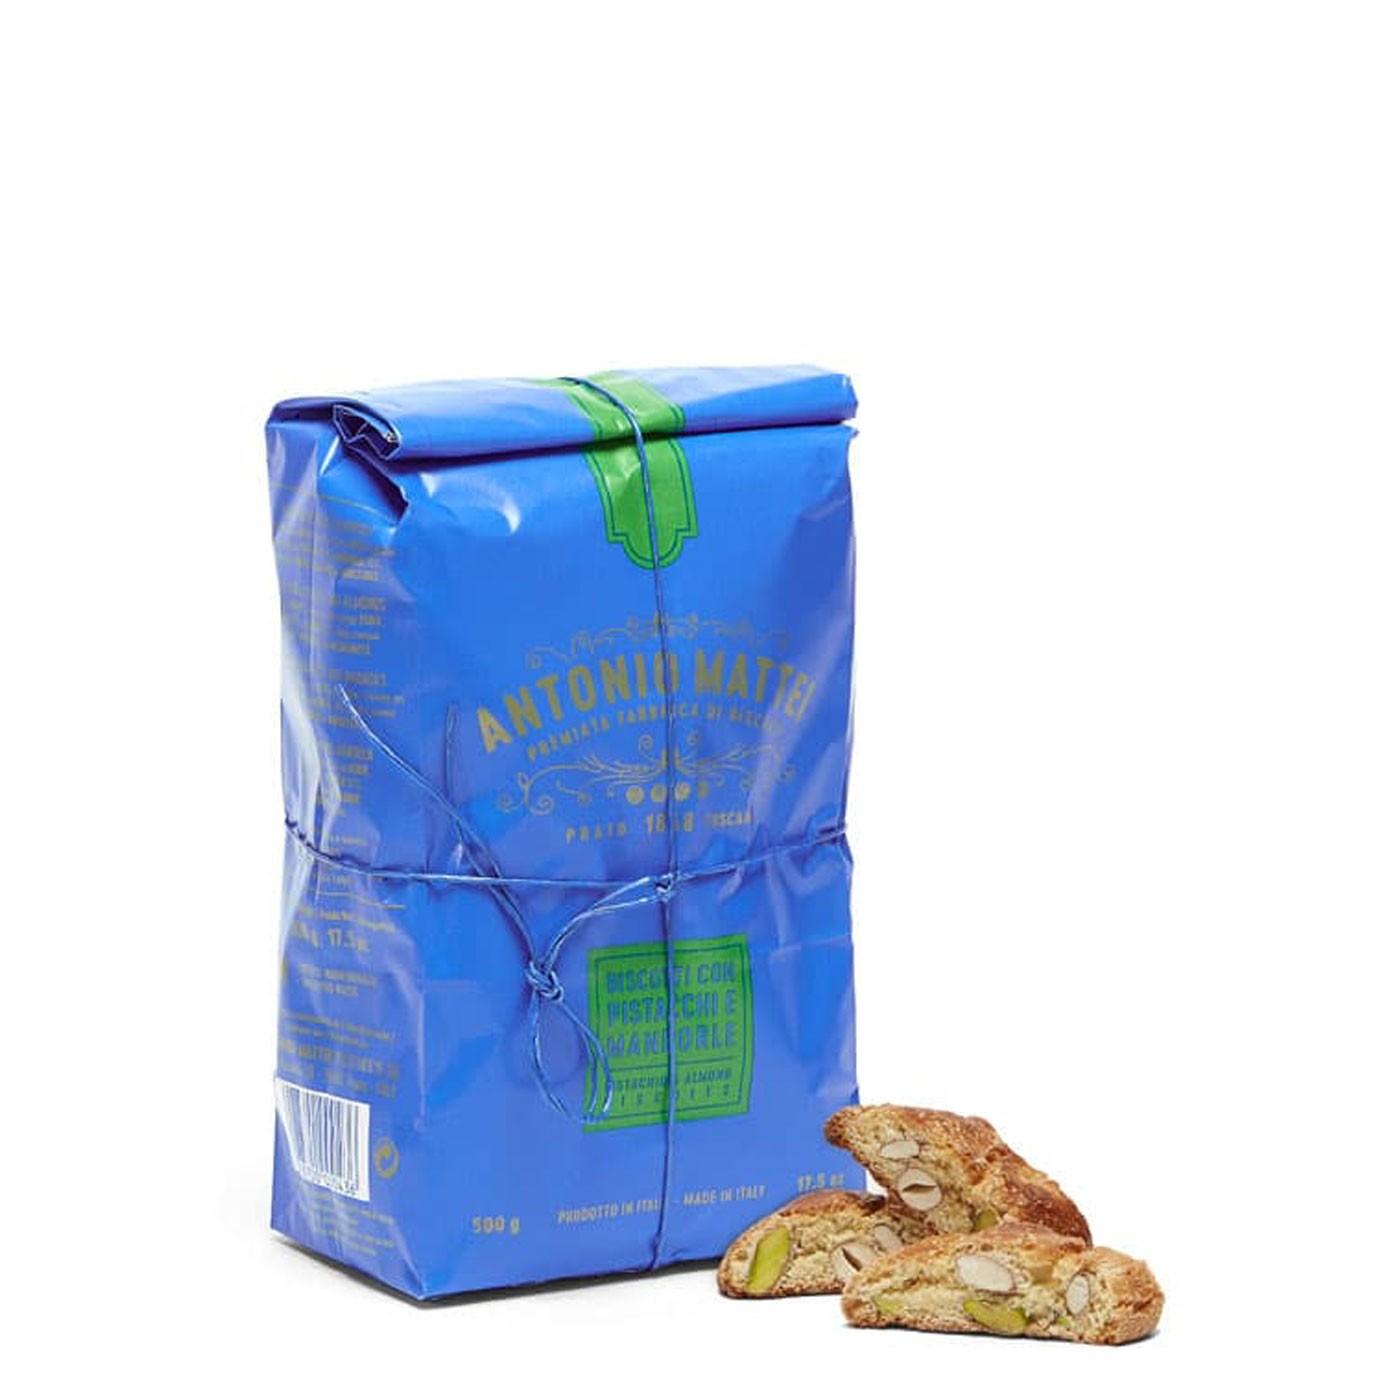 Almond and Pistachio Biscotti di Prato Cookies 8.8 oz